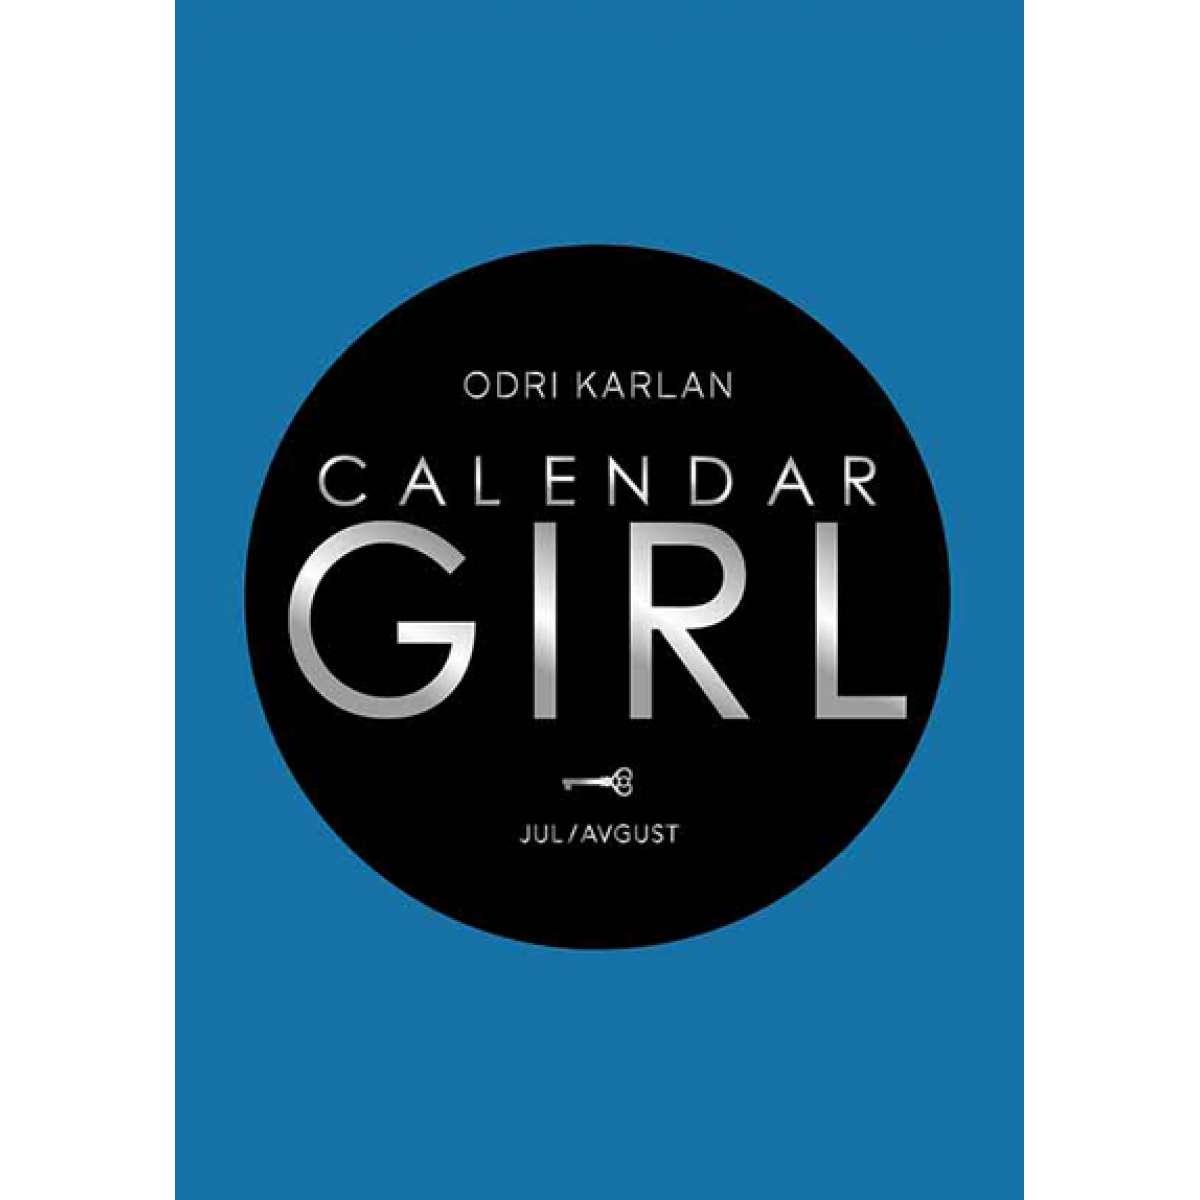 CALENDAR GIRL: JUL/AVGUST